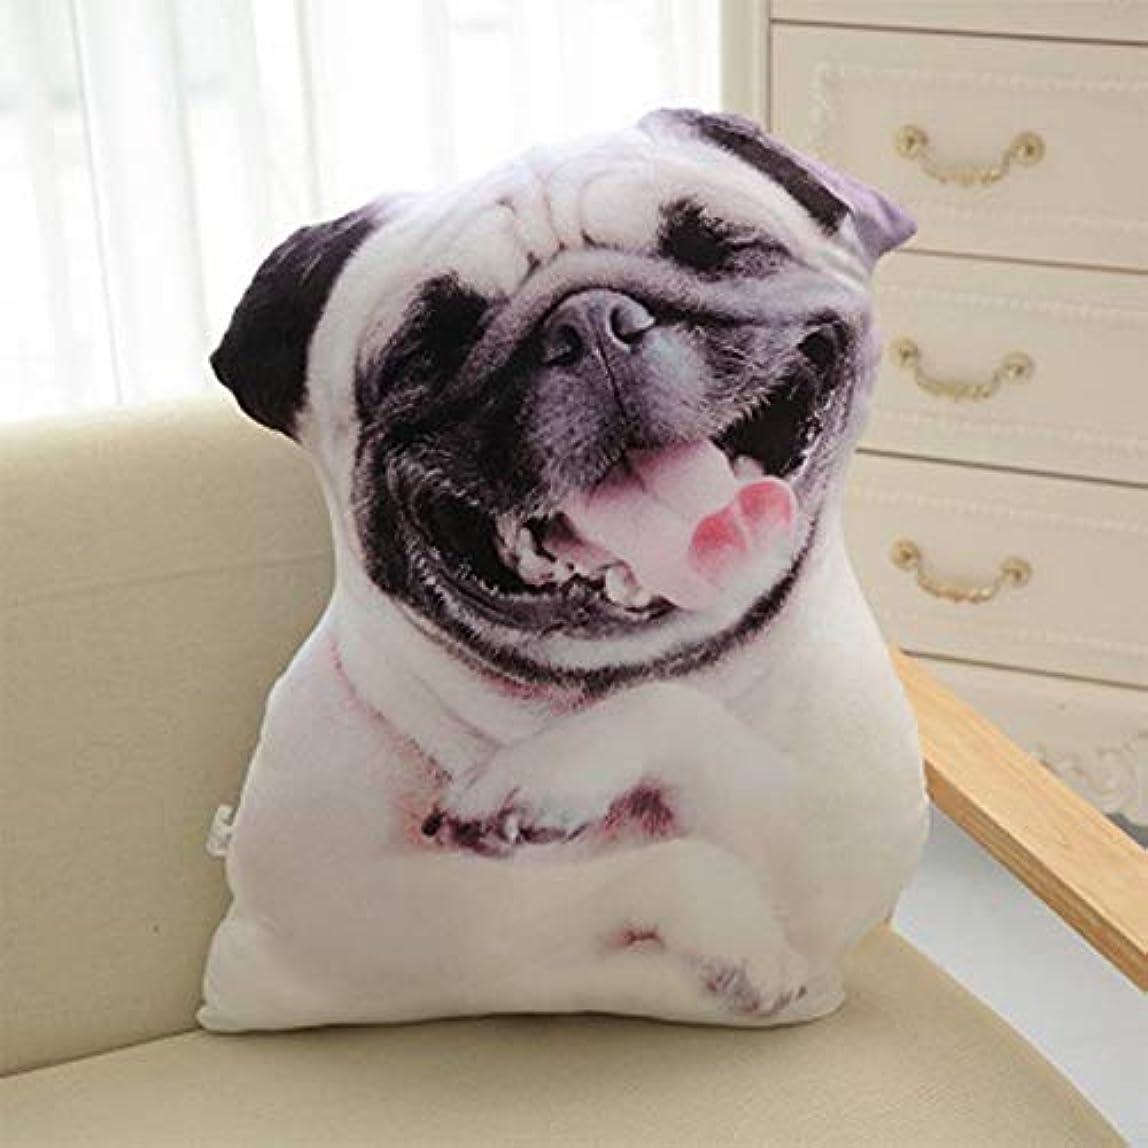 肉屋ではごきげんようパンダLIFE 3D プリントシミュレーション犬ぬいぐるみクッションぬいぐるみ犬ぬいぐるみ枕ぬいぐるみの漫画クッションキッズ人形ベストギフト クッション 椅子